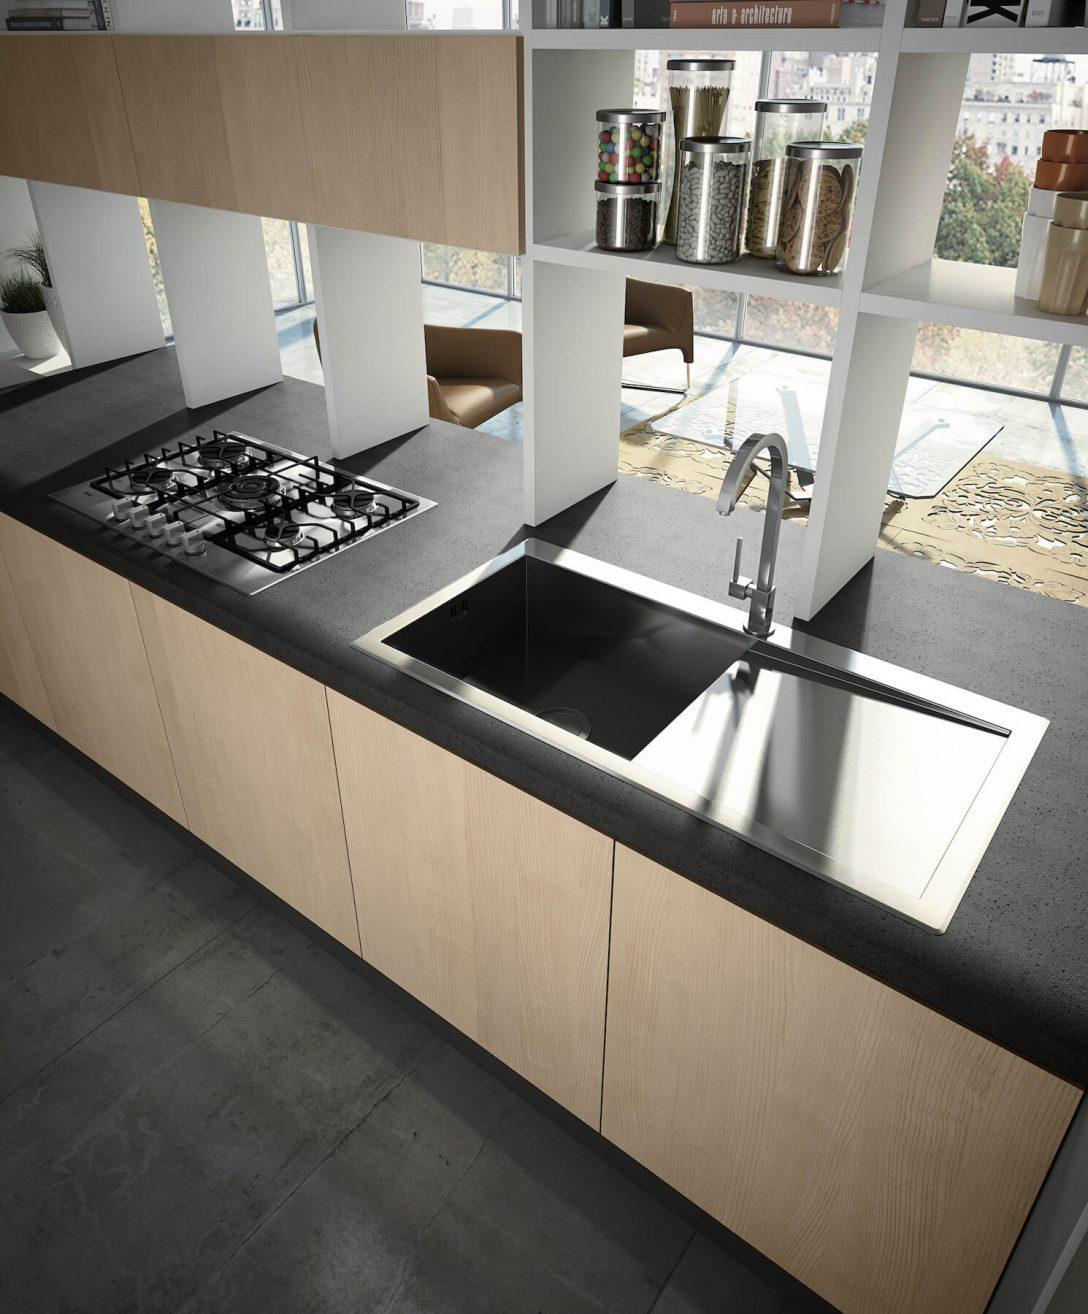 Large Size of Schwarze Spüle Küche Material Spüle Küche Spüle Küche Verstopft Spüle Küche Demontieren Küche Spüle Küche